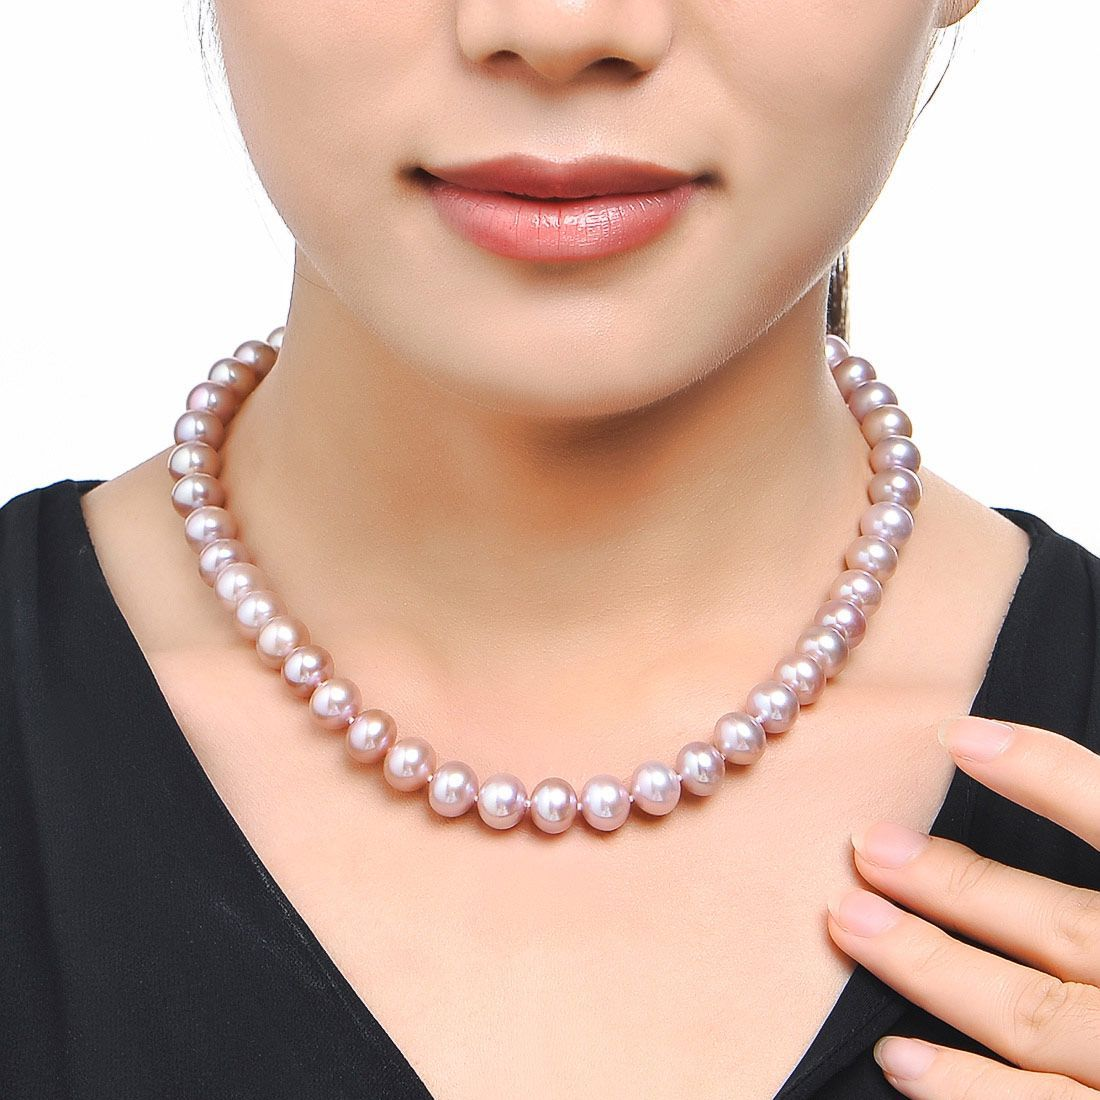 北海珍珠批发  10-11mm近正圆天然淡水珍珠项链